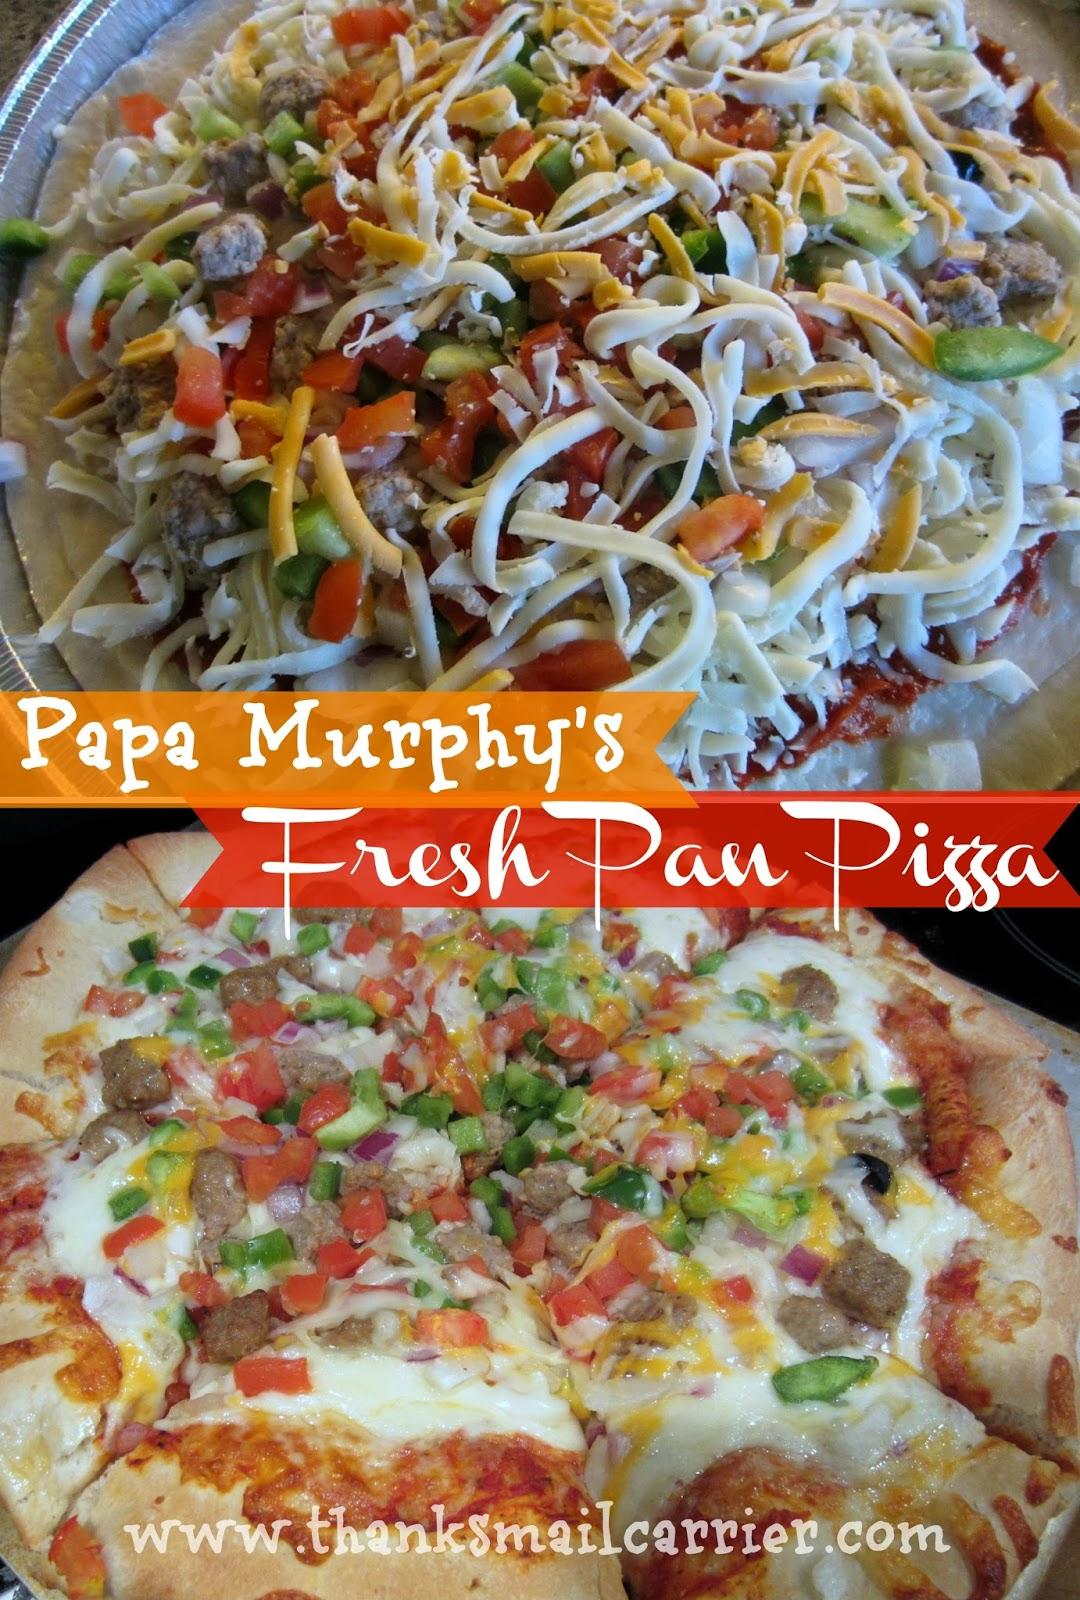 Papa Murphy's review